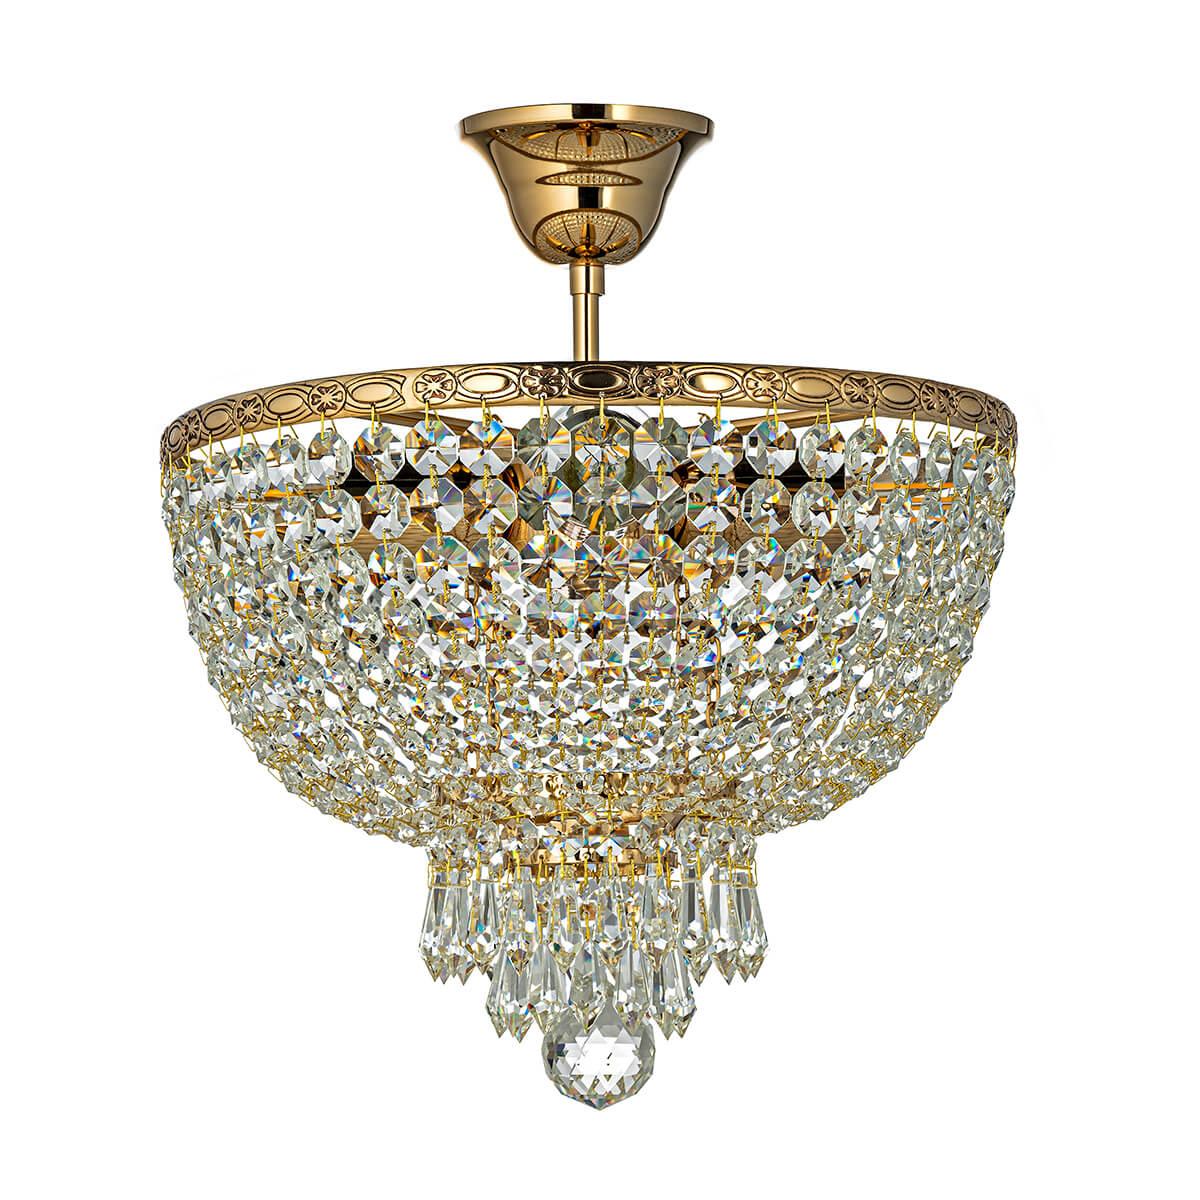 Потолочный светильник Arti Lampadari Nonna E 1.3.30.502 G цена и фото